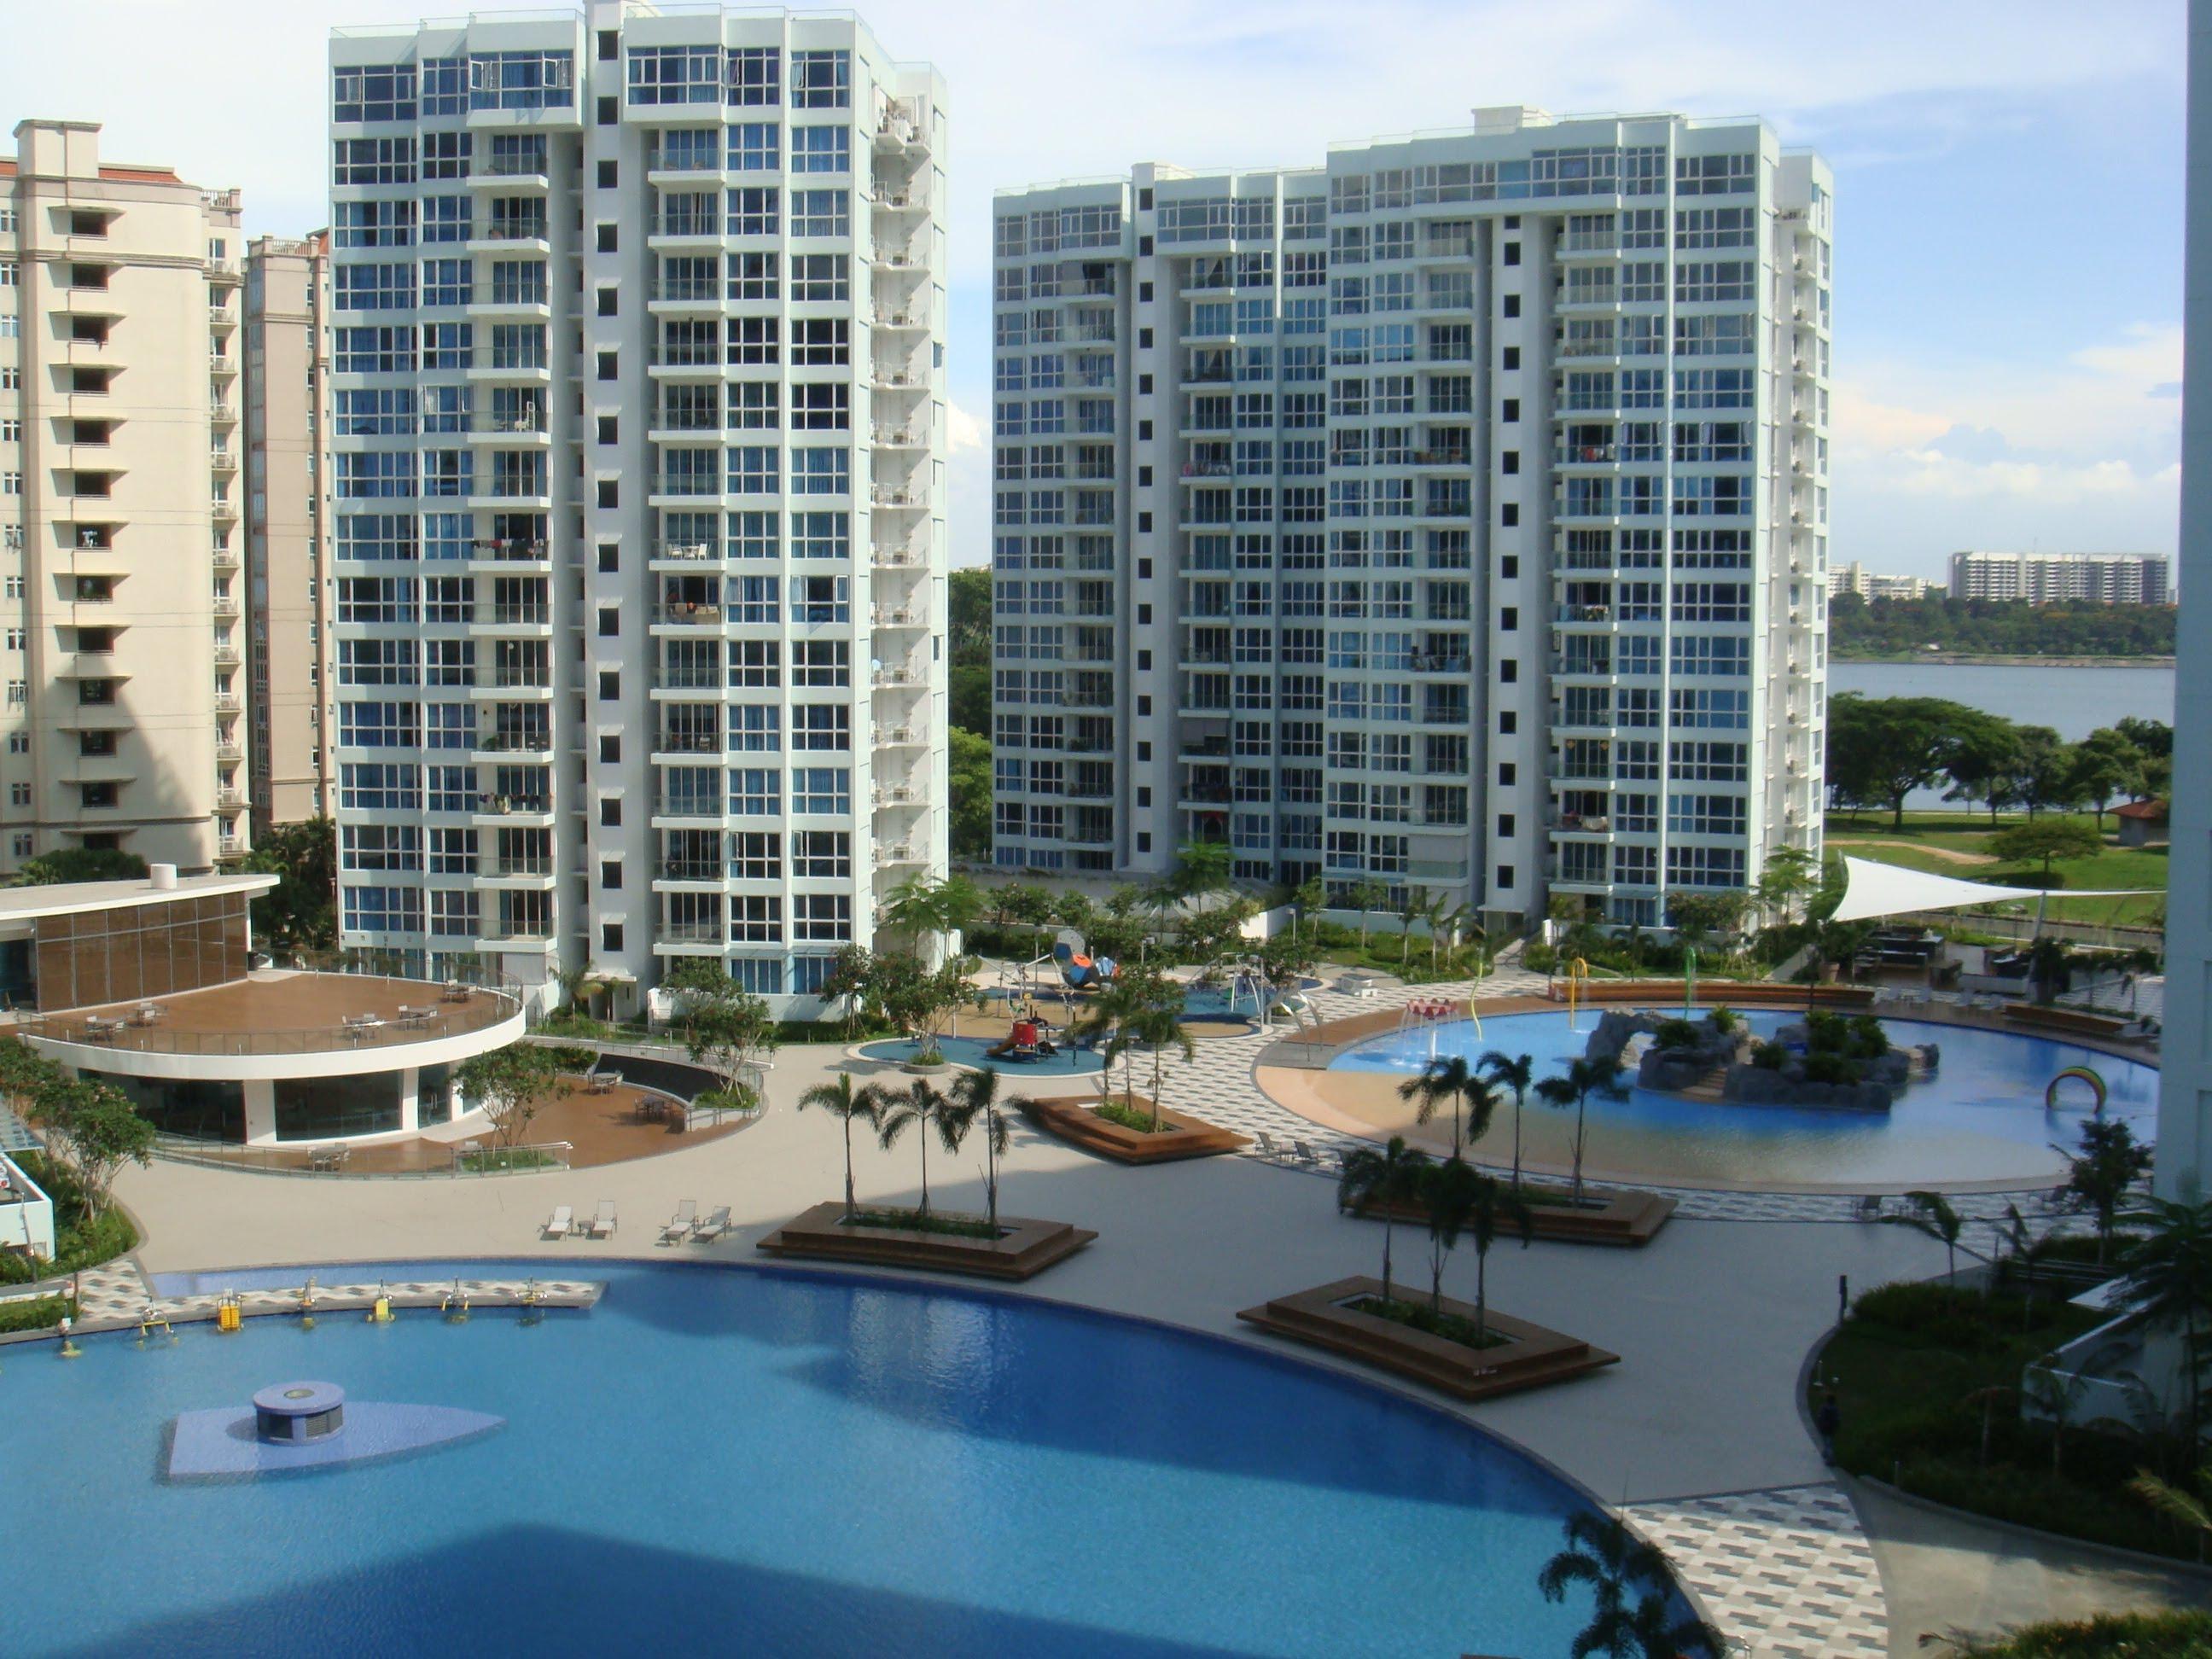 Waterview Condominium